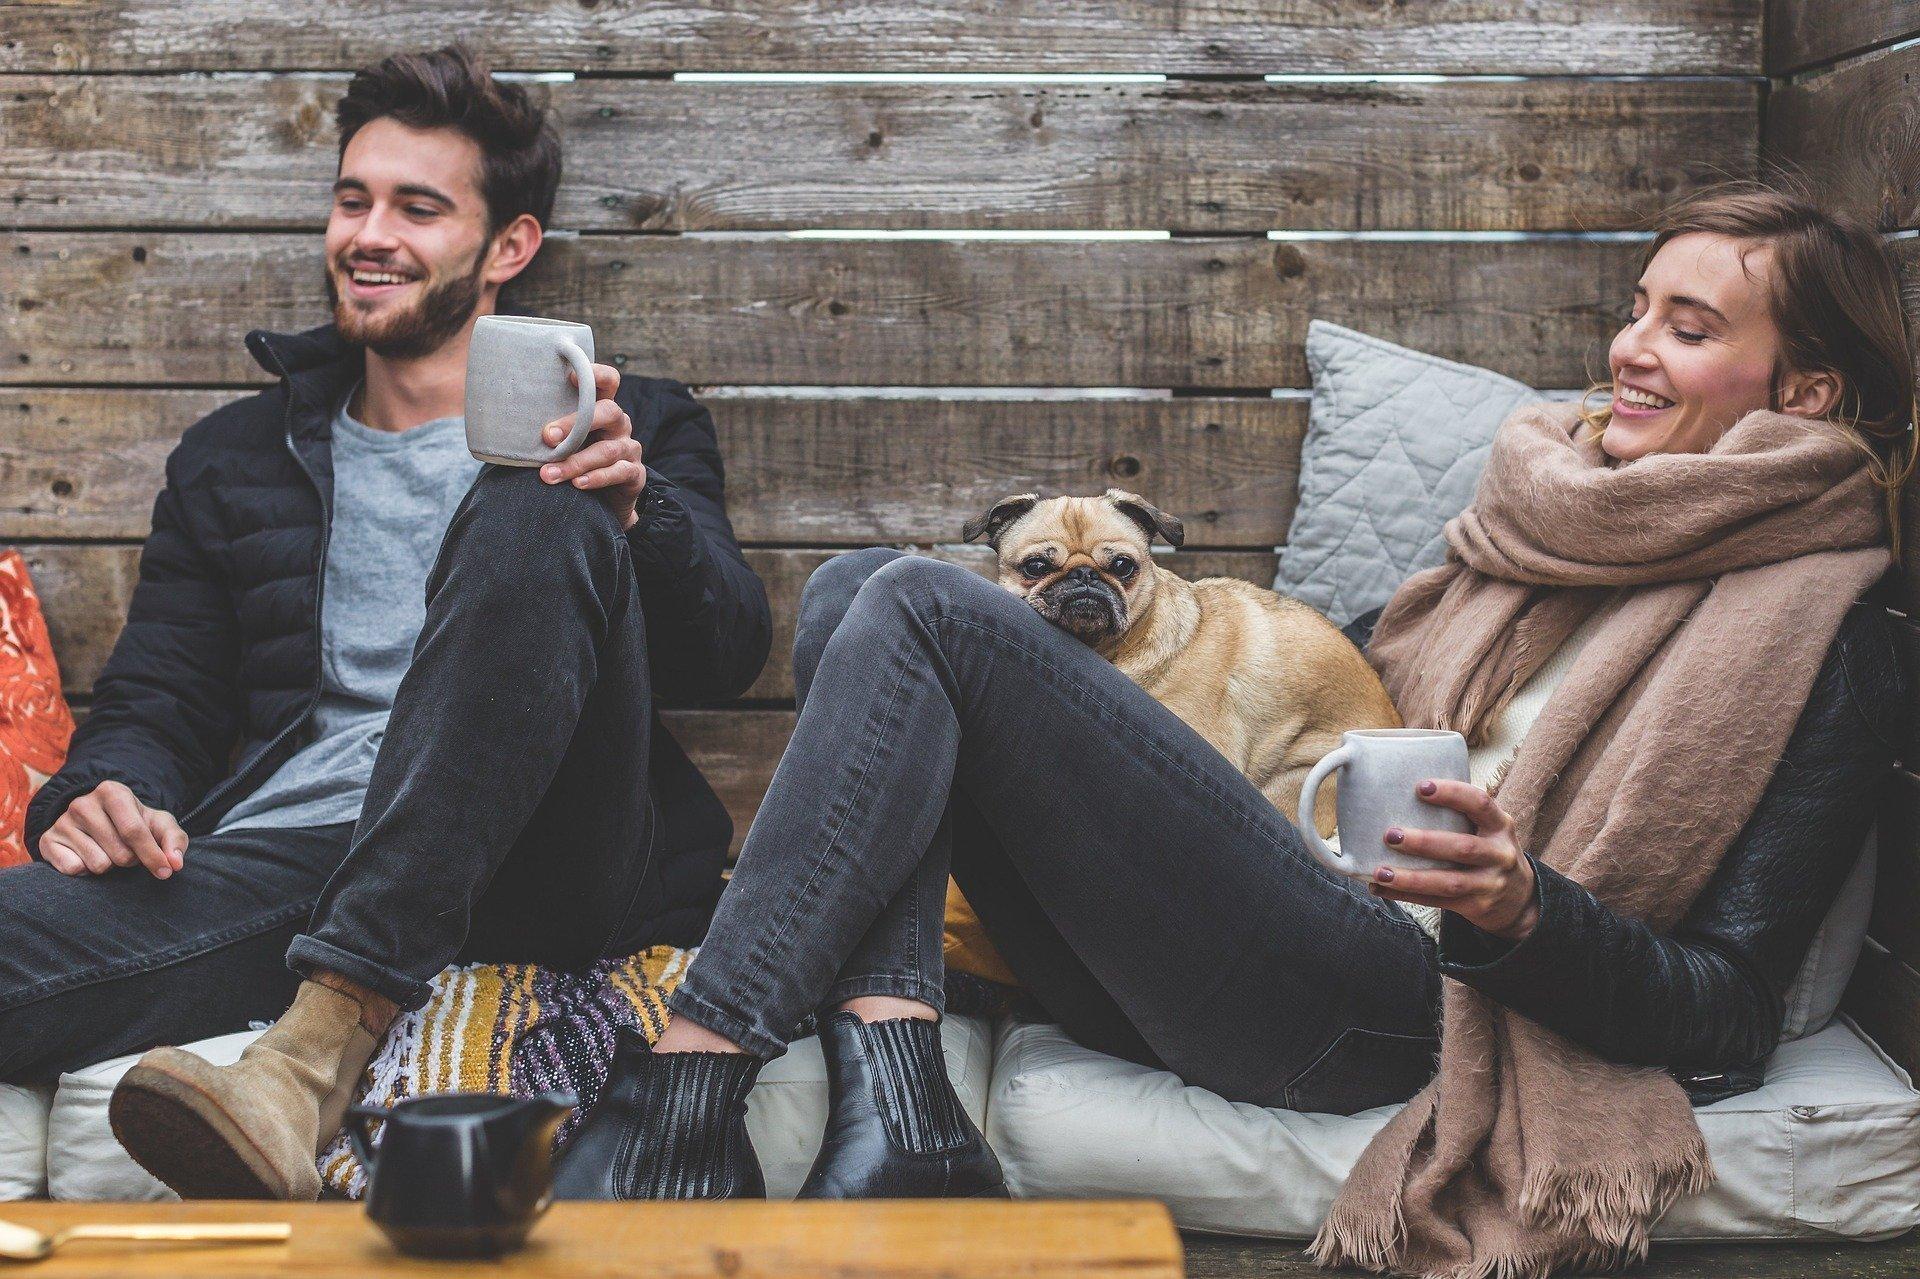 Hoe houd je jouw relatie goed tijdens thuisisolatie of quarantaine?